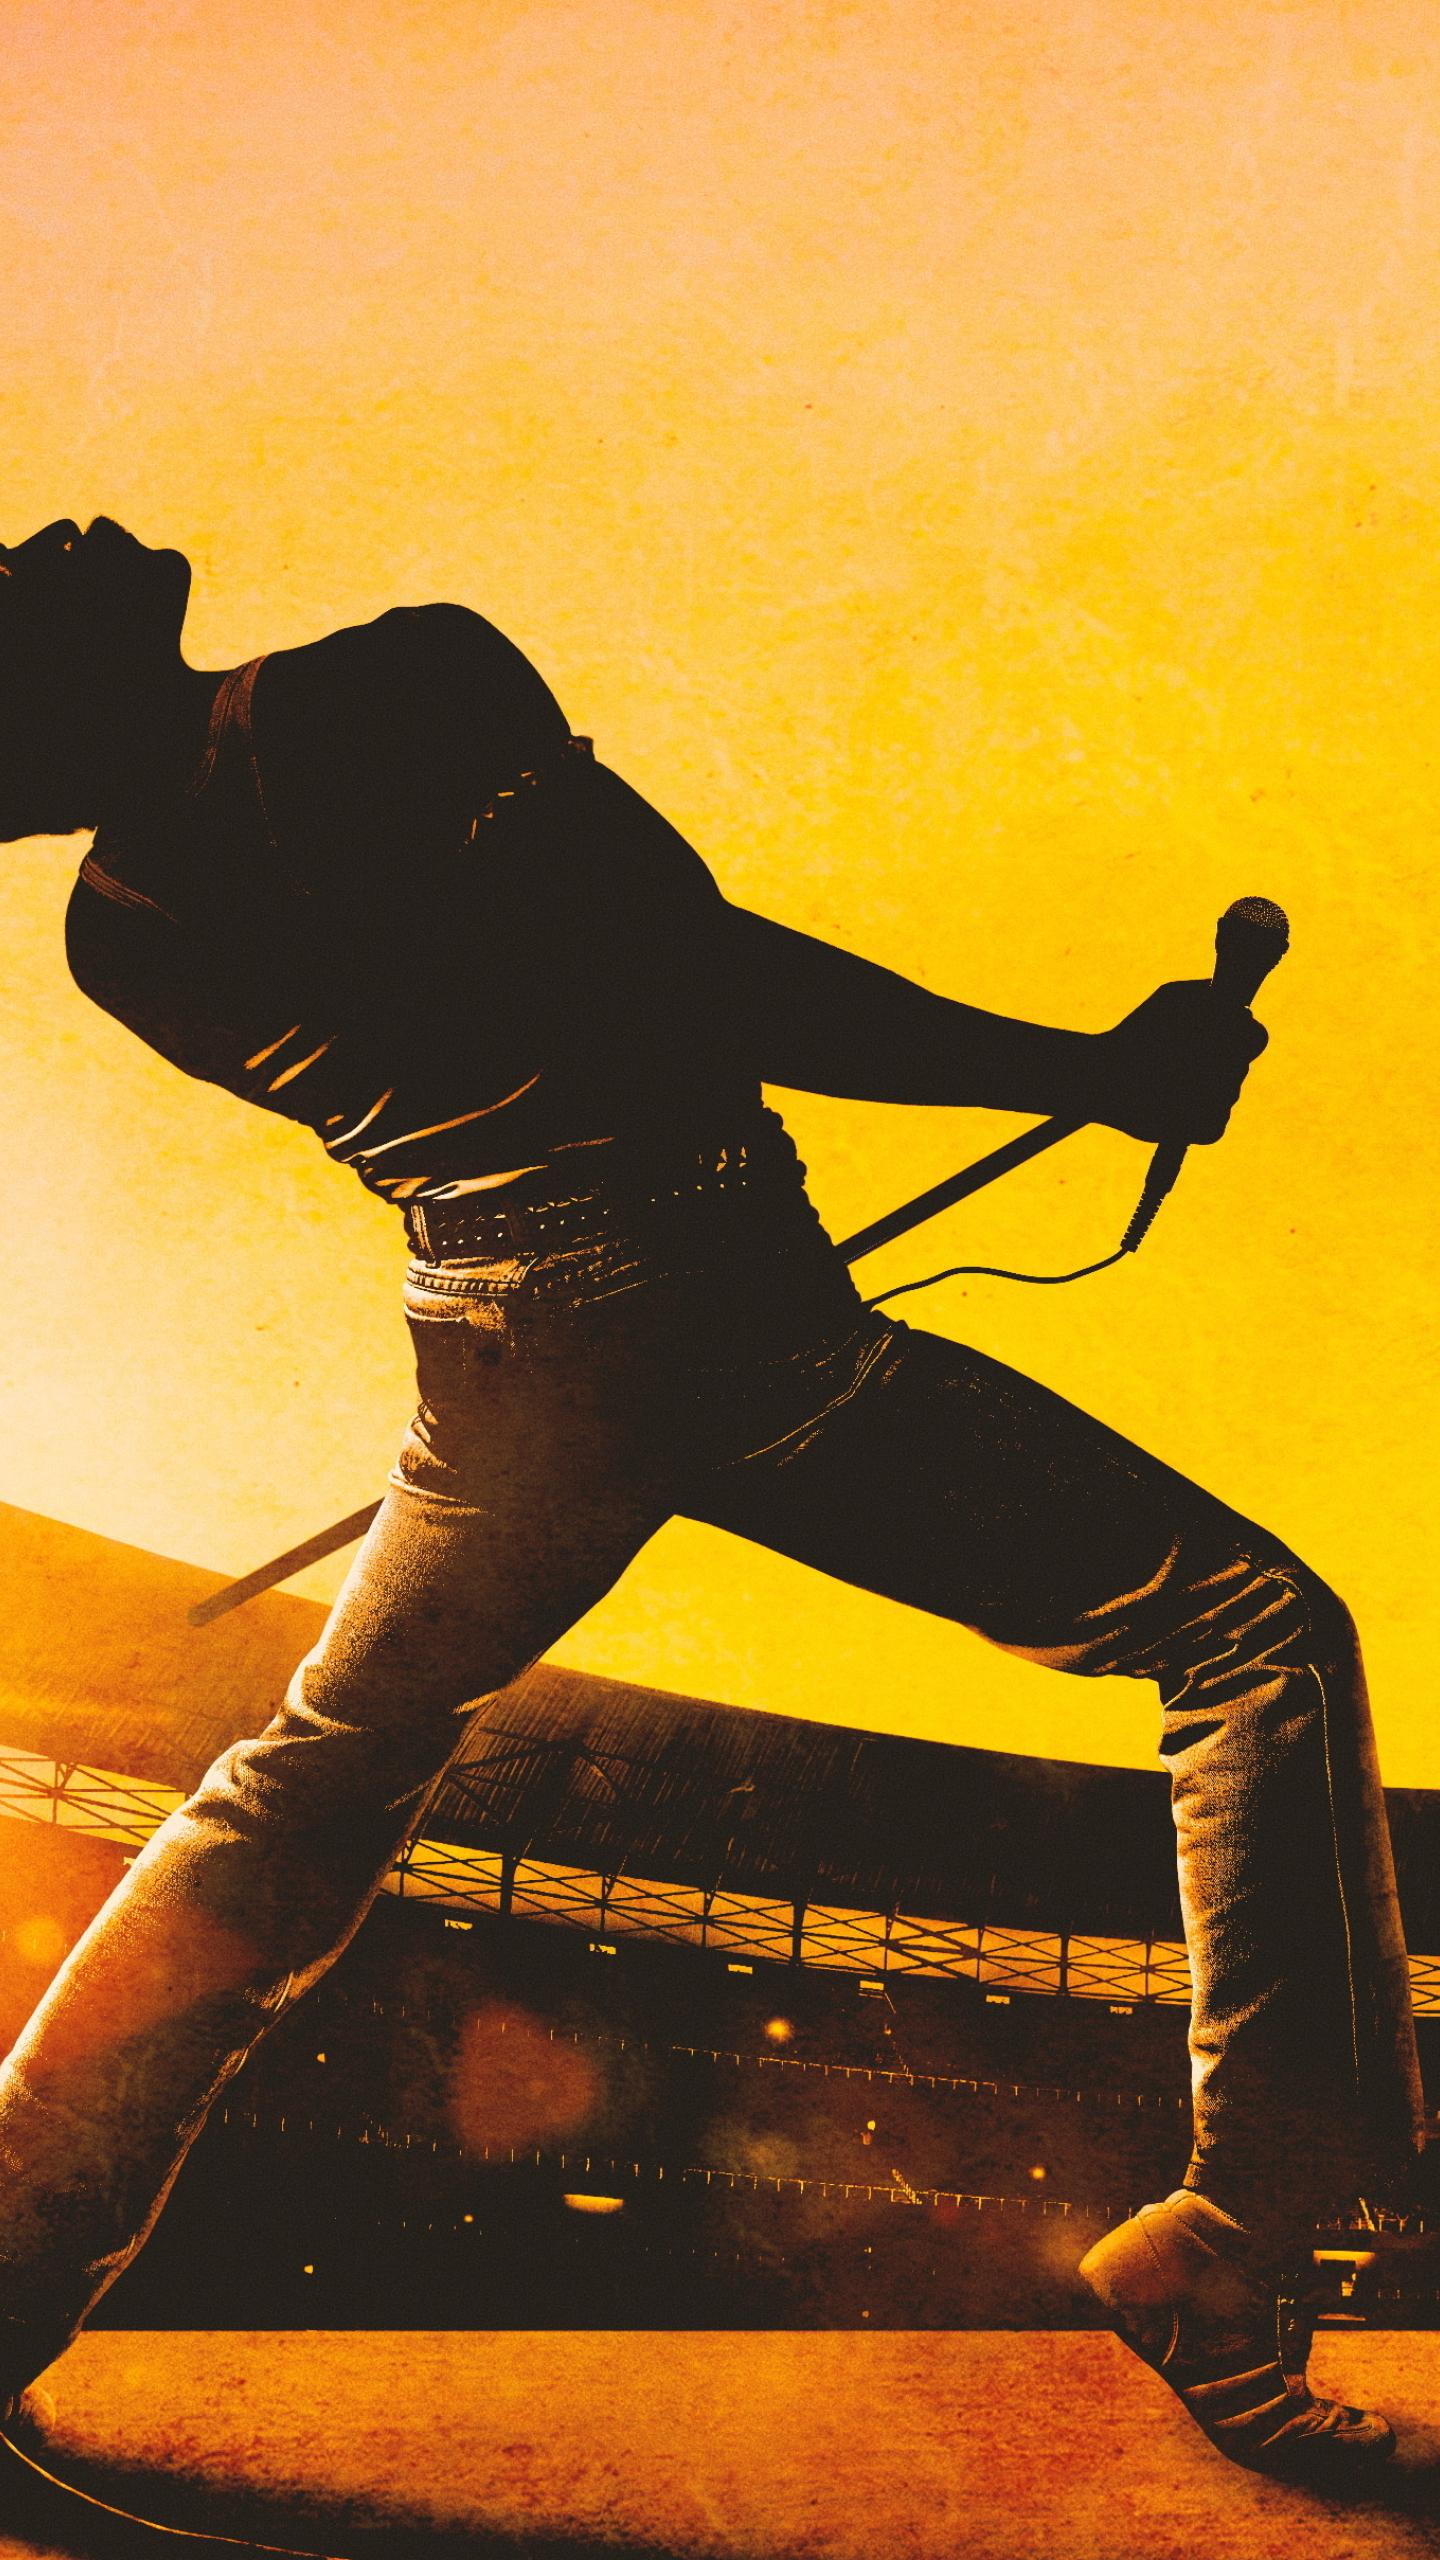 Bohemian Rhapsody 2018 Movie Fan Poster, HD 4K Wallpaper